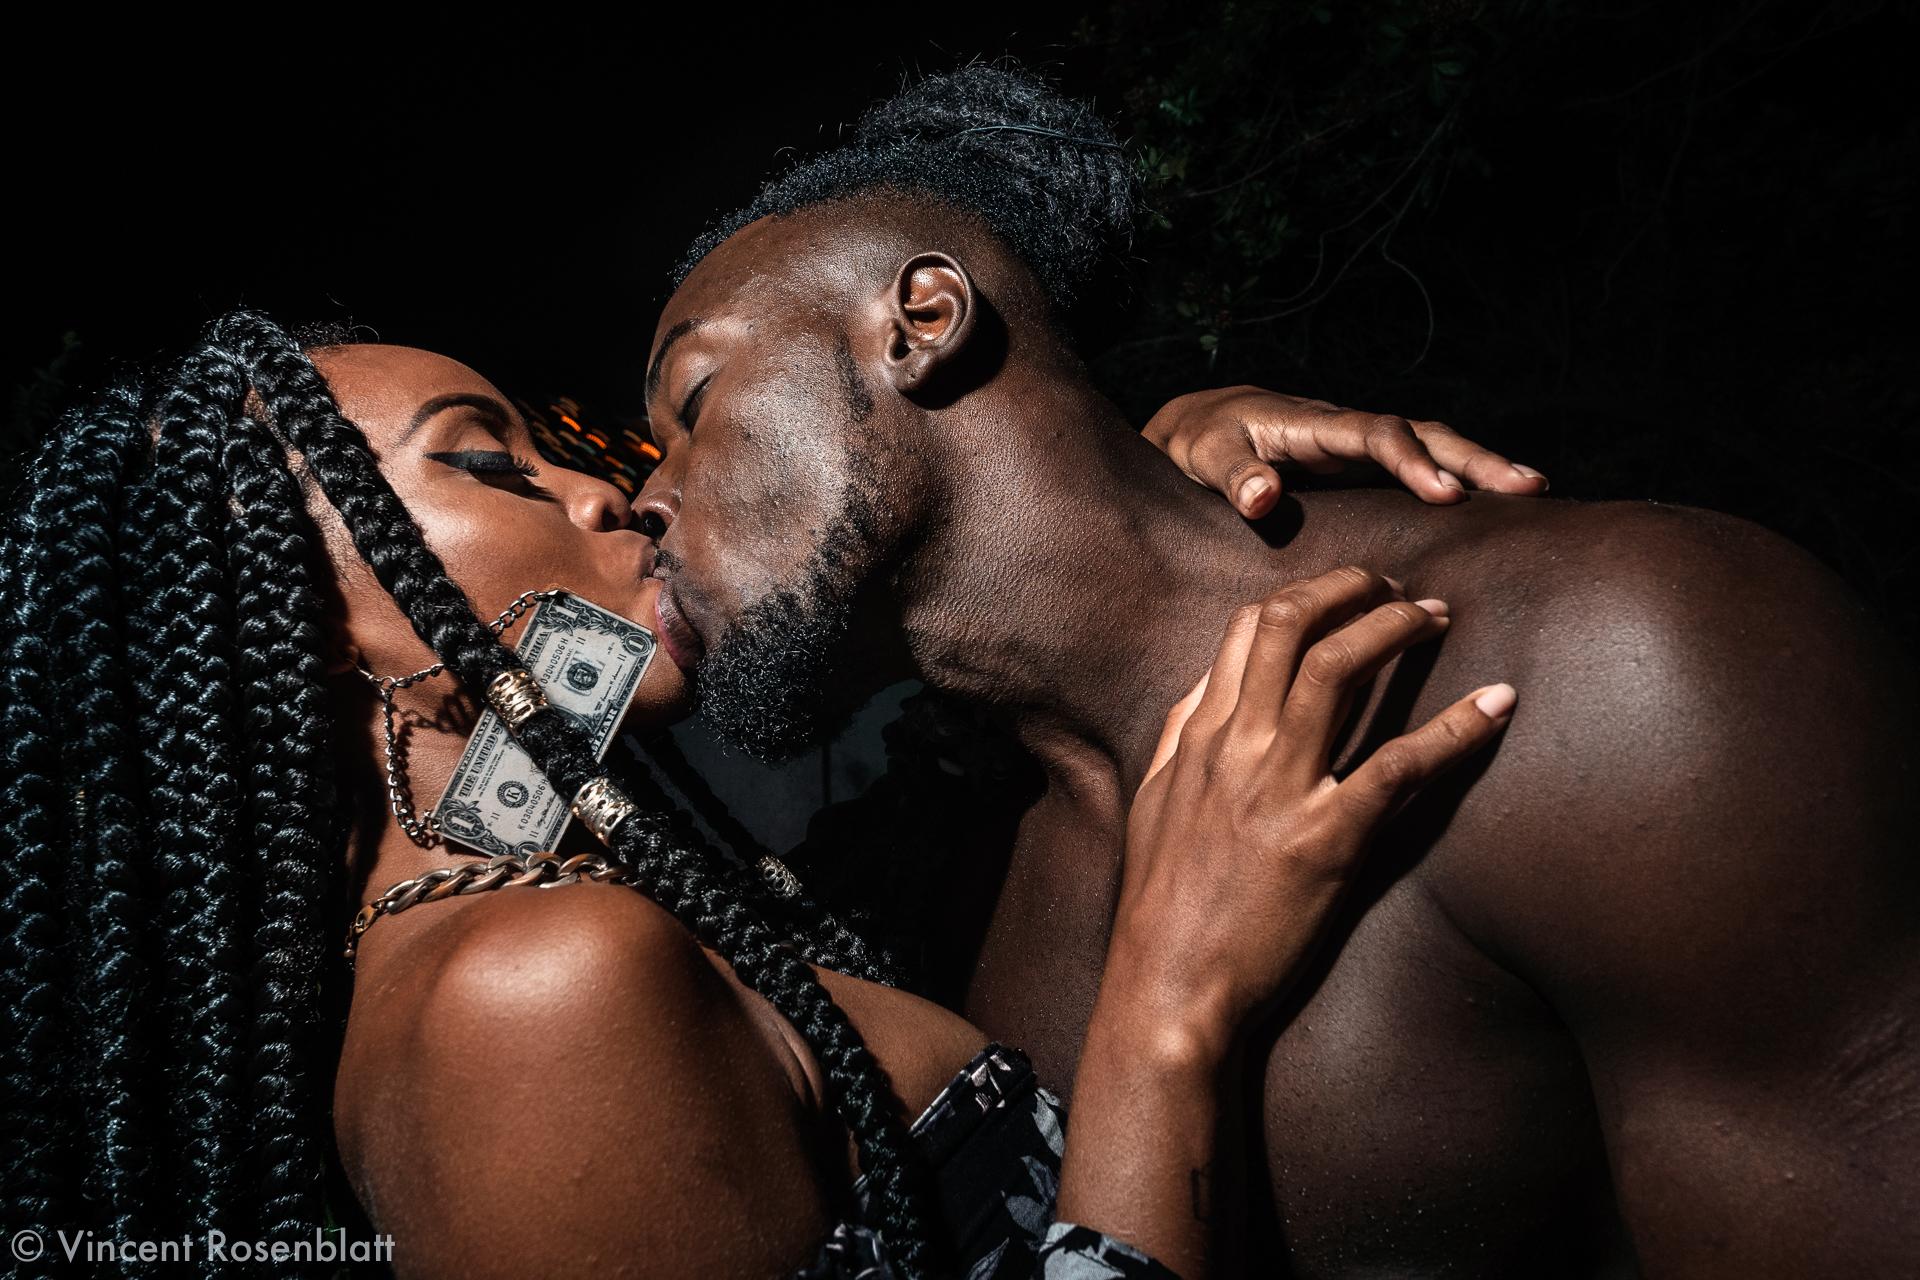 Jessica - hair stylist & Robson - actor & fitness model - kiss at the Samba com o Trem party - Santa Teresa - Rio de Janeiro 2018.